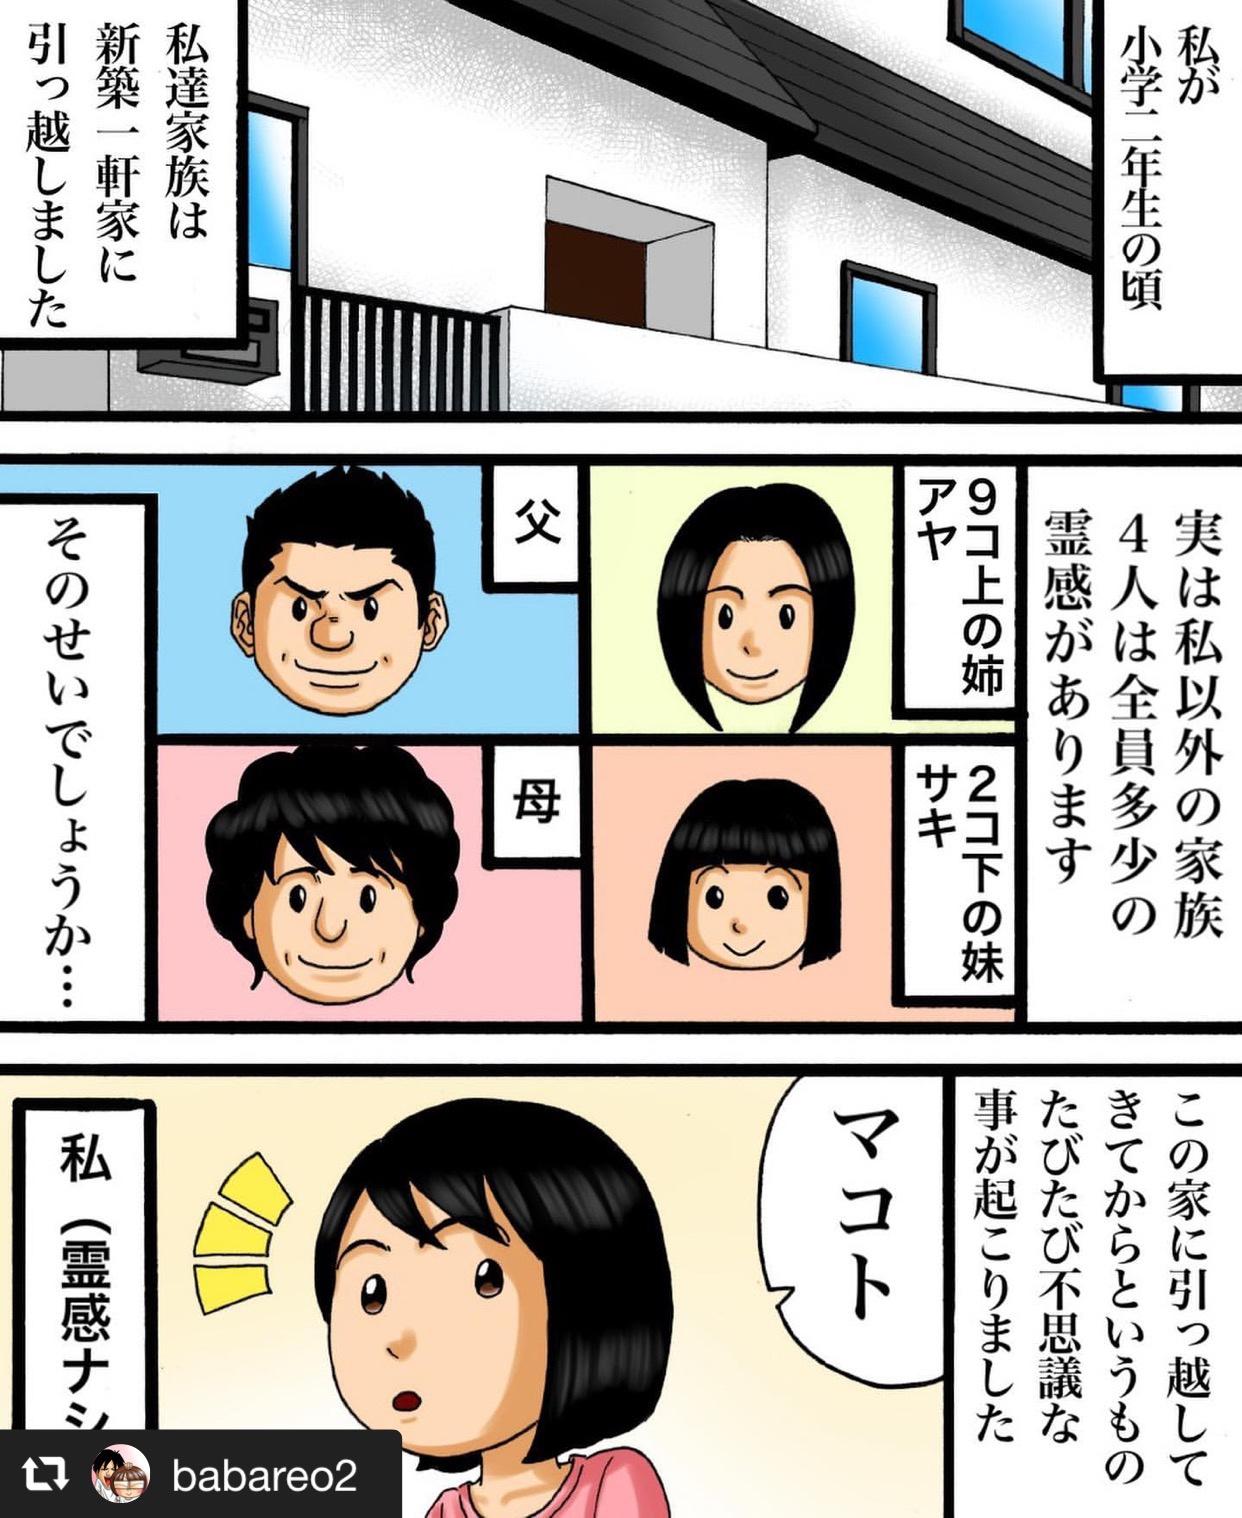 【怖い話】引っ越した家がなにかおかしい 画像1